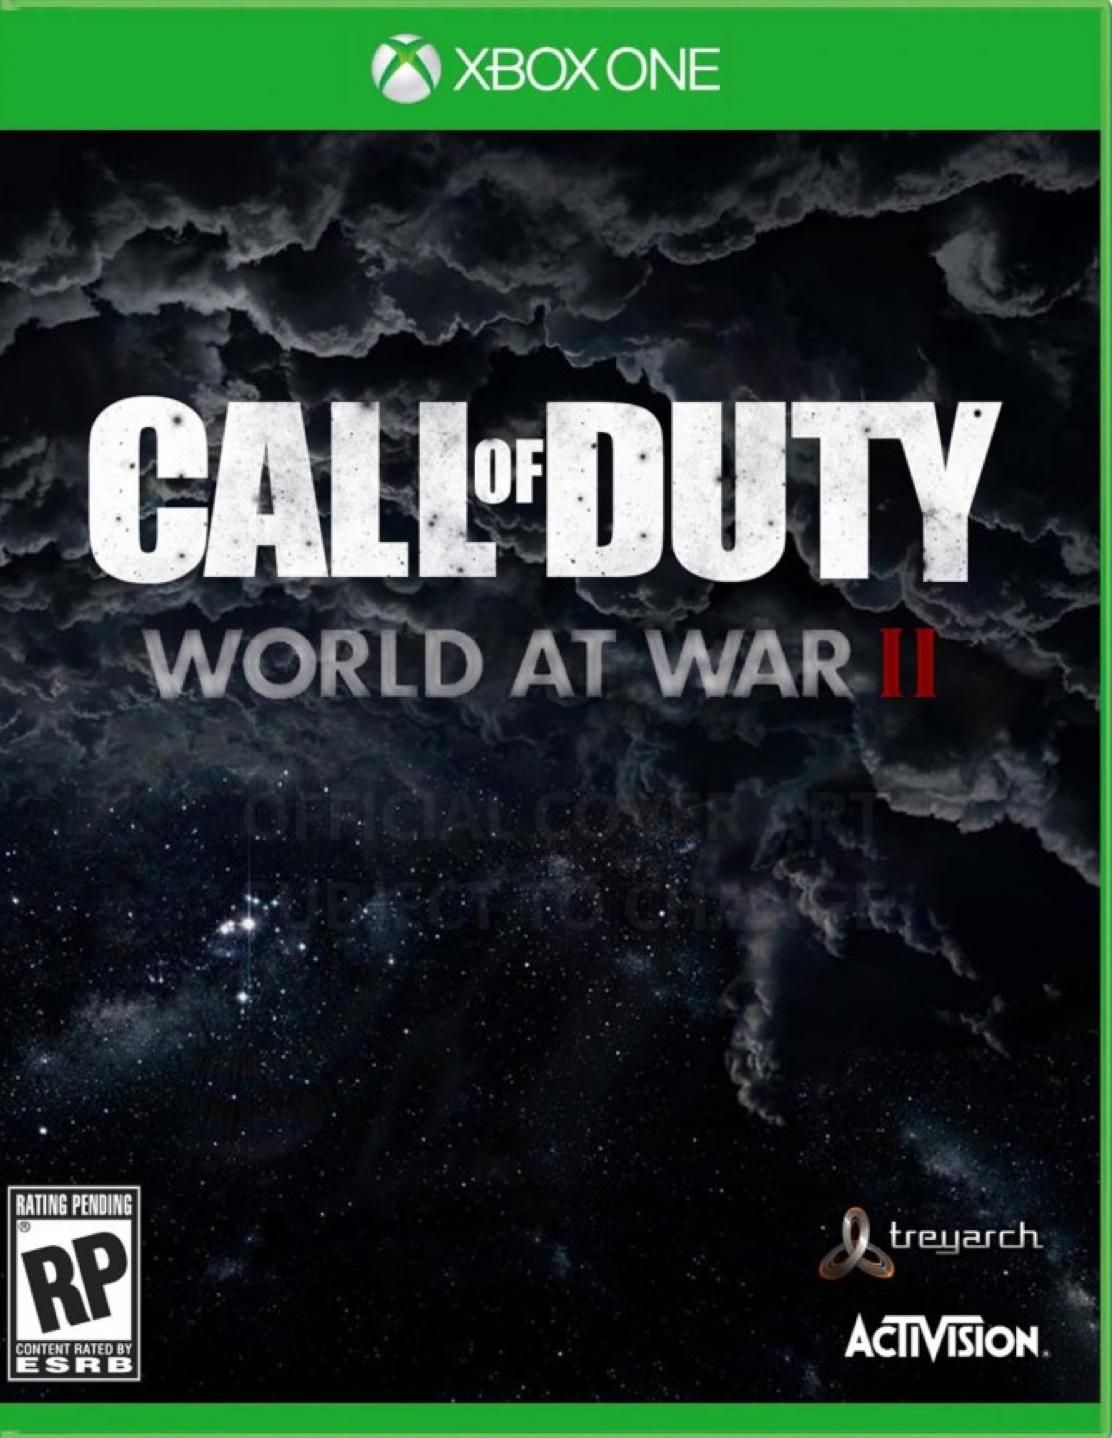 Aparece Una Extrana Caratula De Call Of Duty Para Xbox One